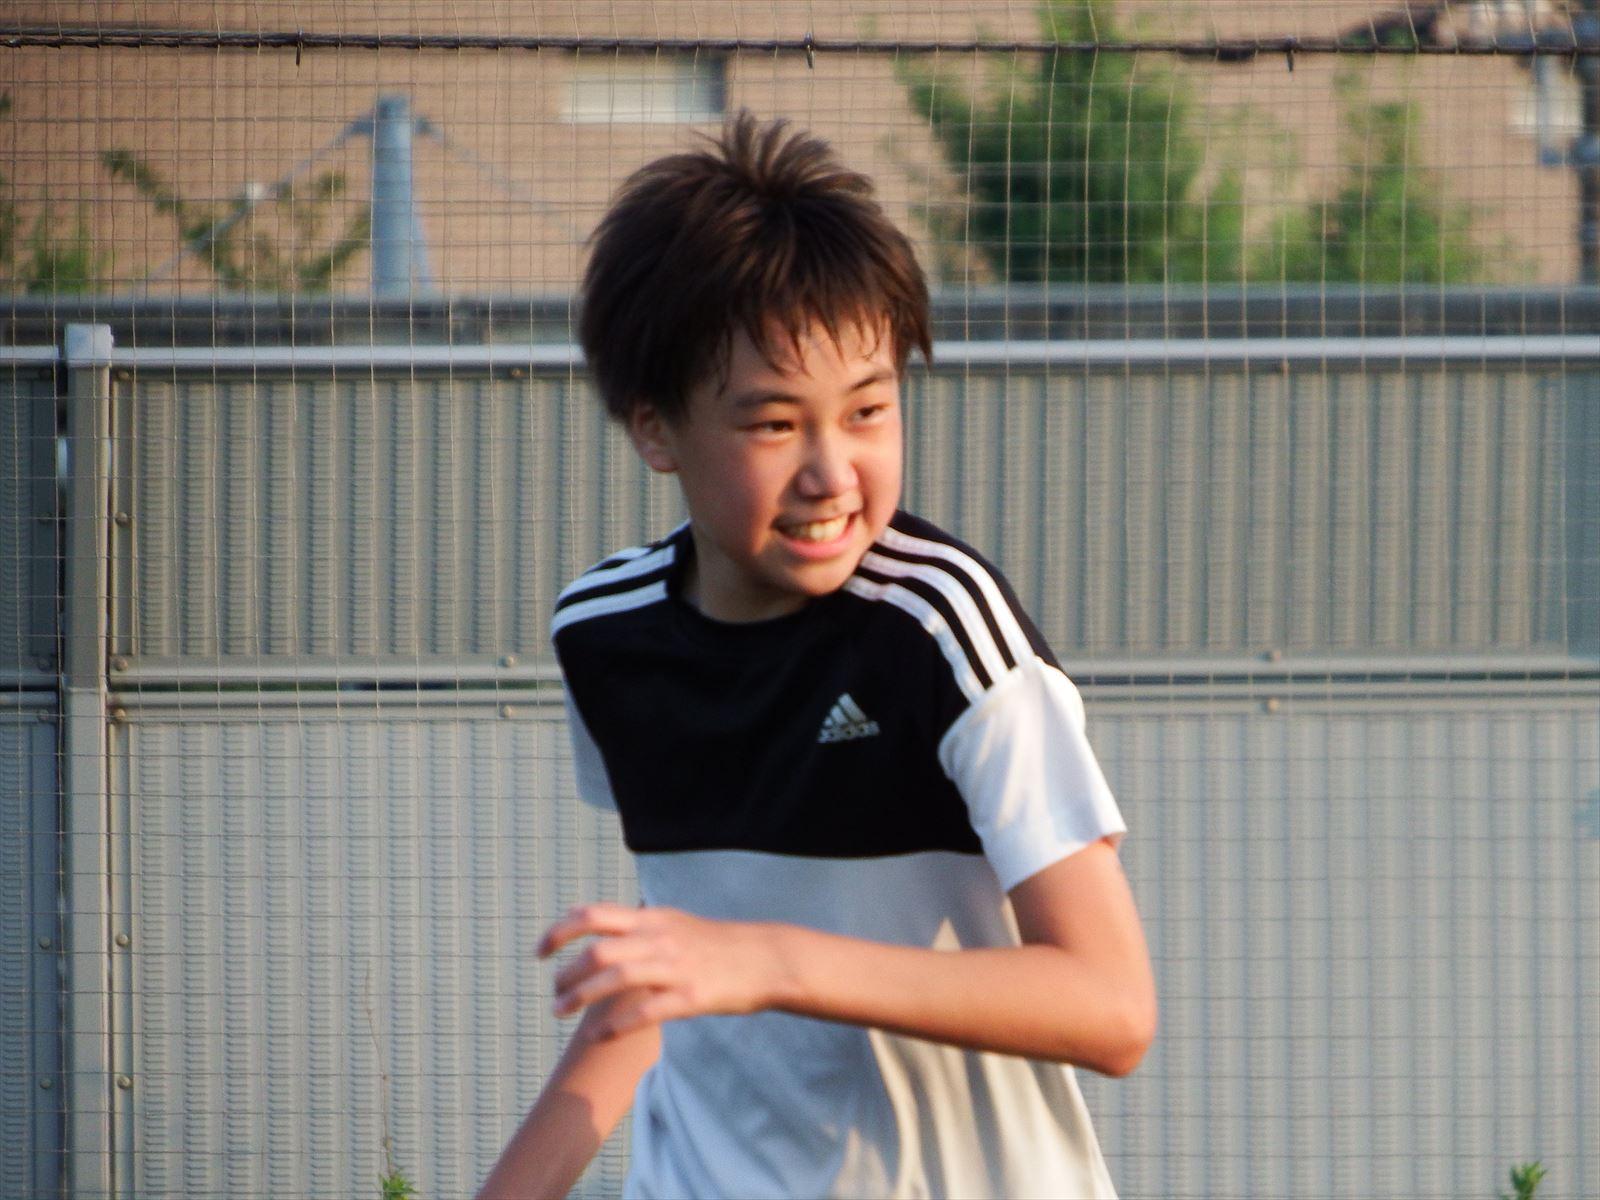 木曜日クラスの練習 暑くても走る!